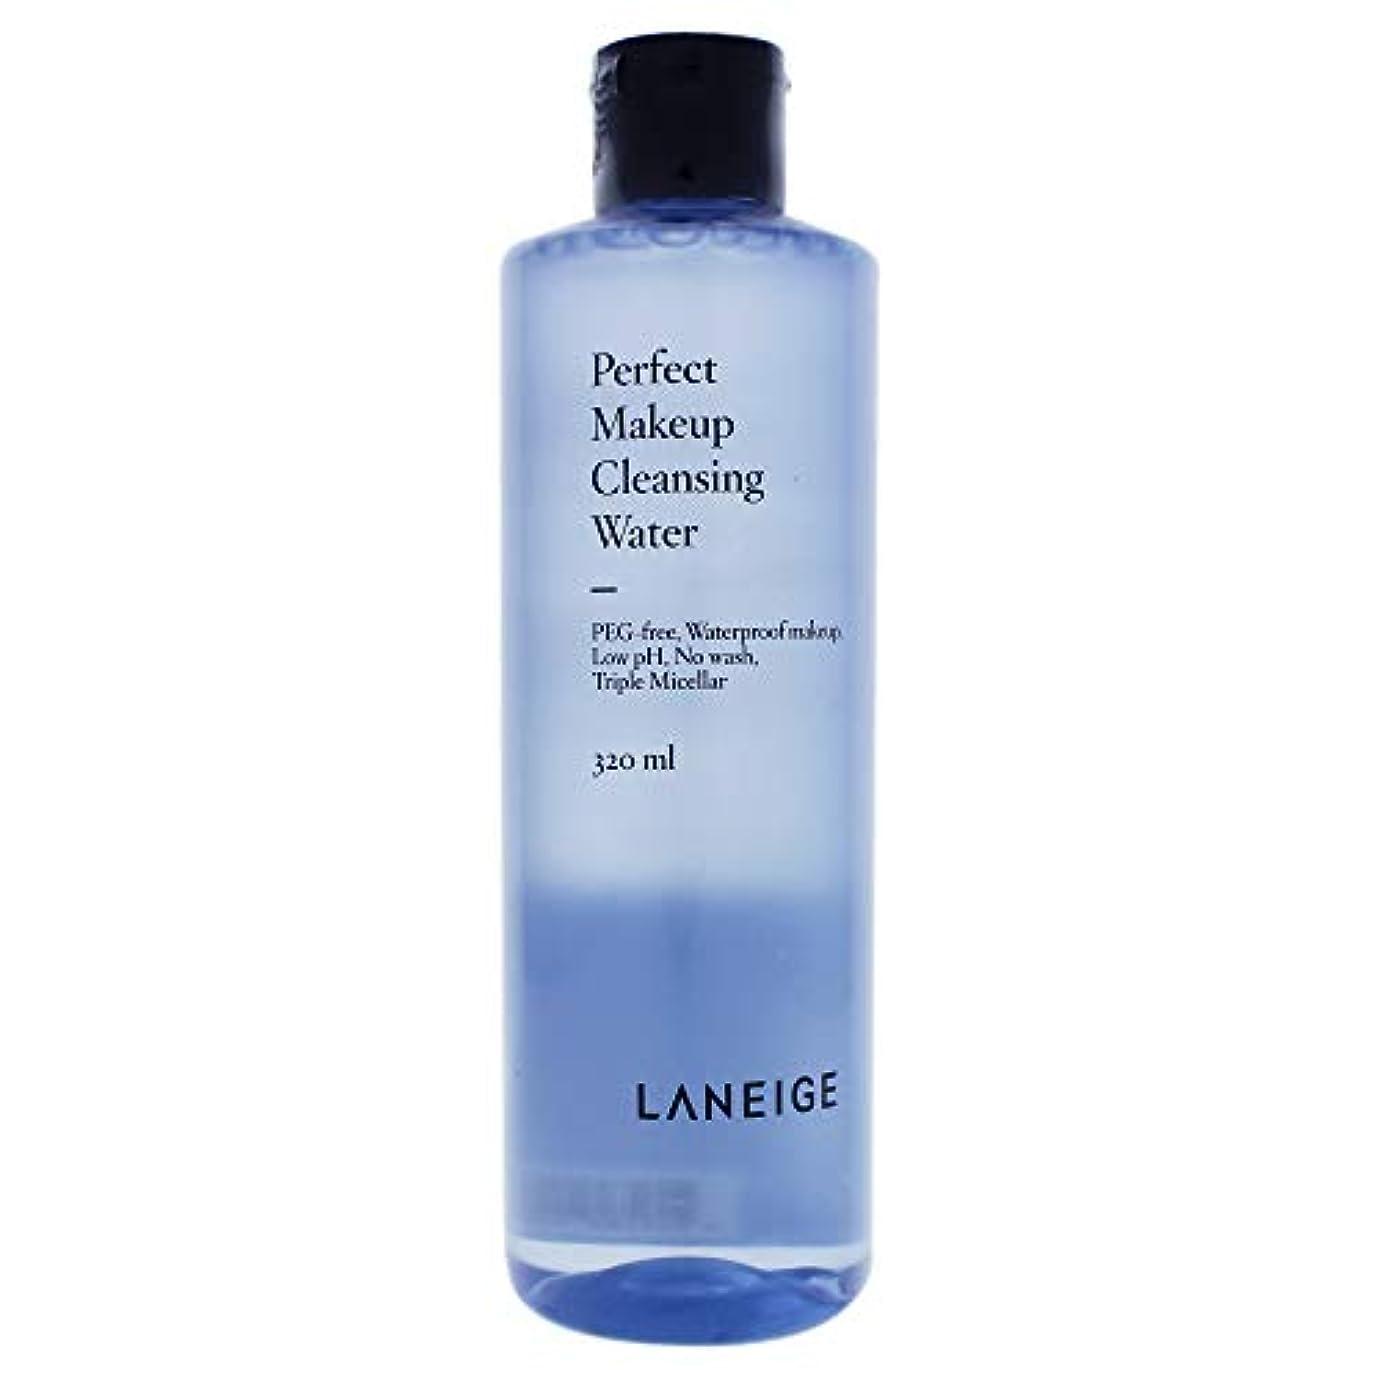 先のことを考える光沢のある敷居Perfect Makeup Cleansing Water